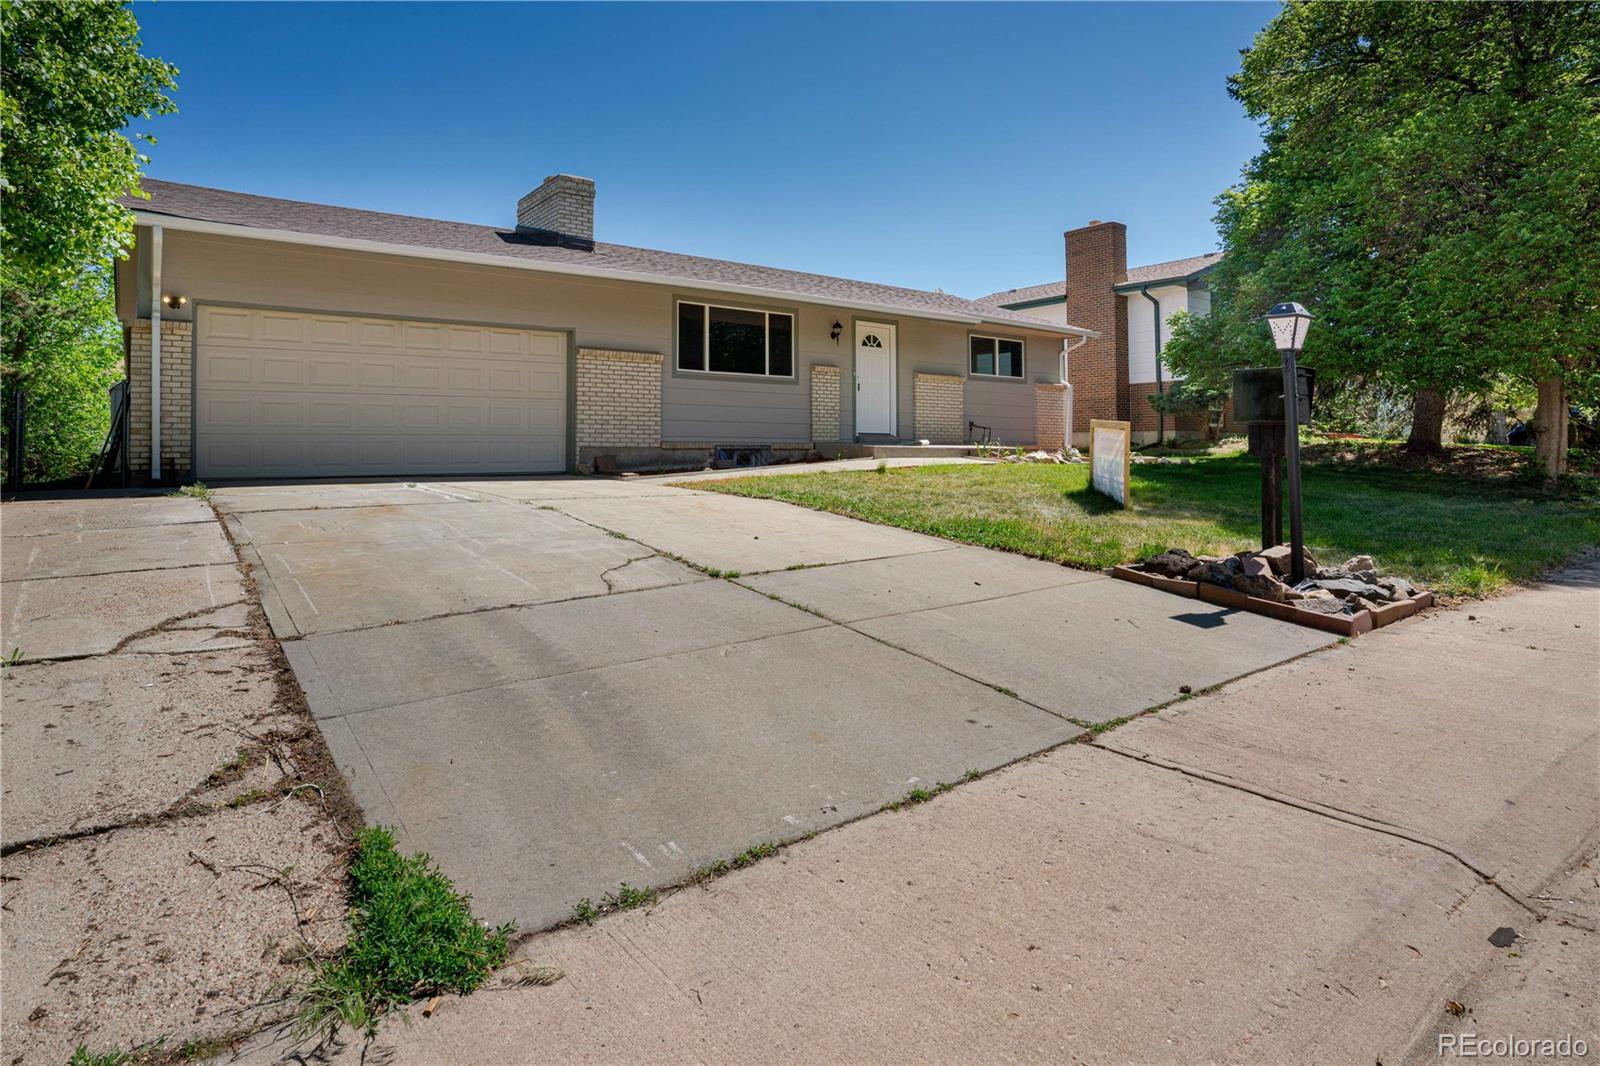 11751 E Center Avenue, Aurora, CO 80012 - Aurora, CO real estate listing